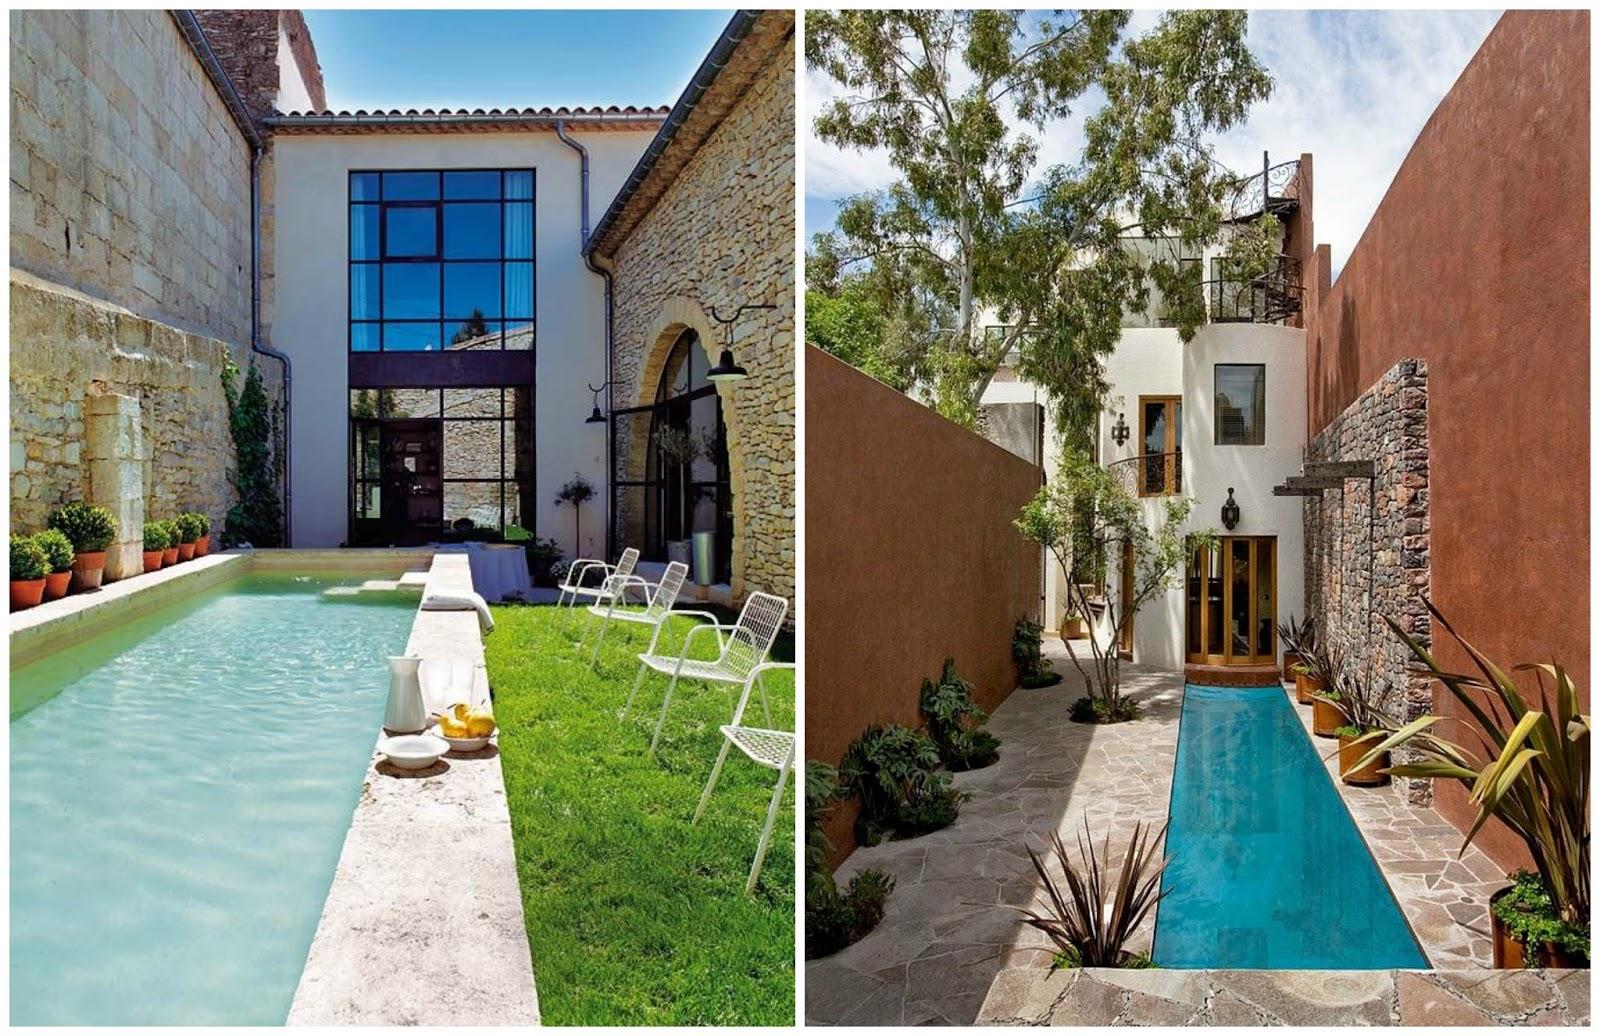 100 tonos de verde buscando inspiracion piscinas perfectas - Piscinas y jardines ...